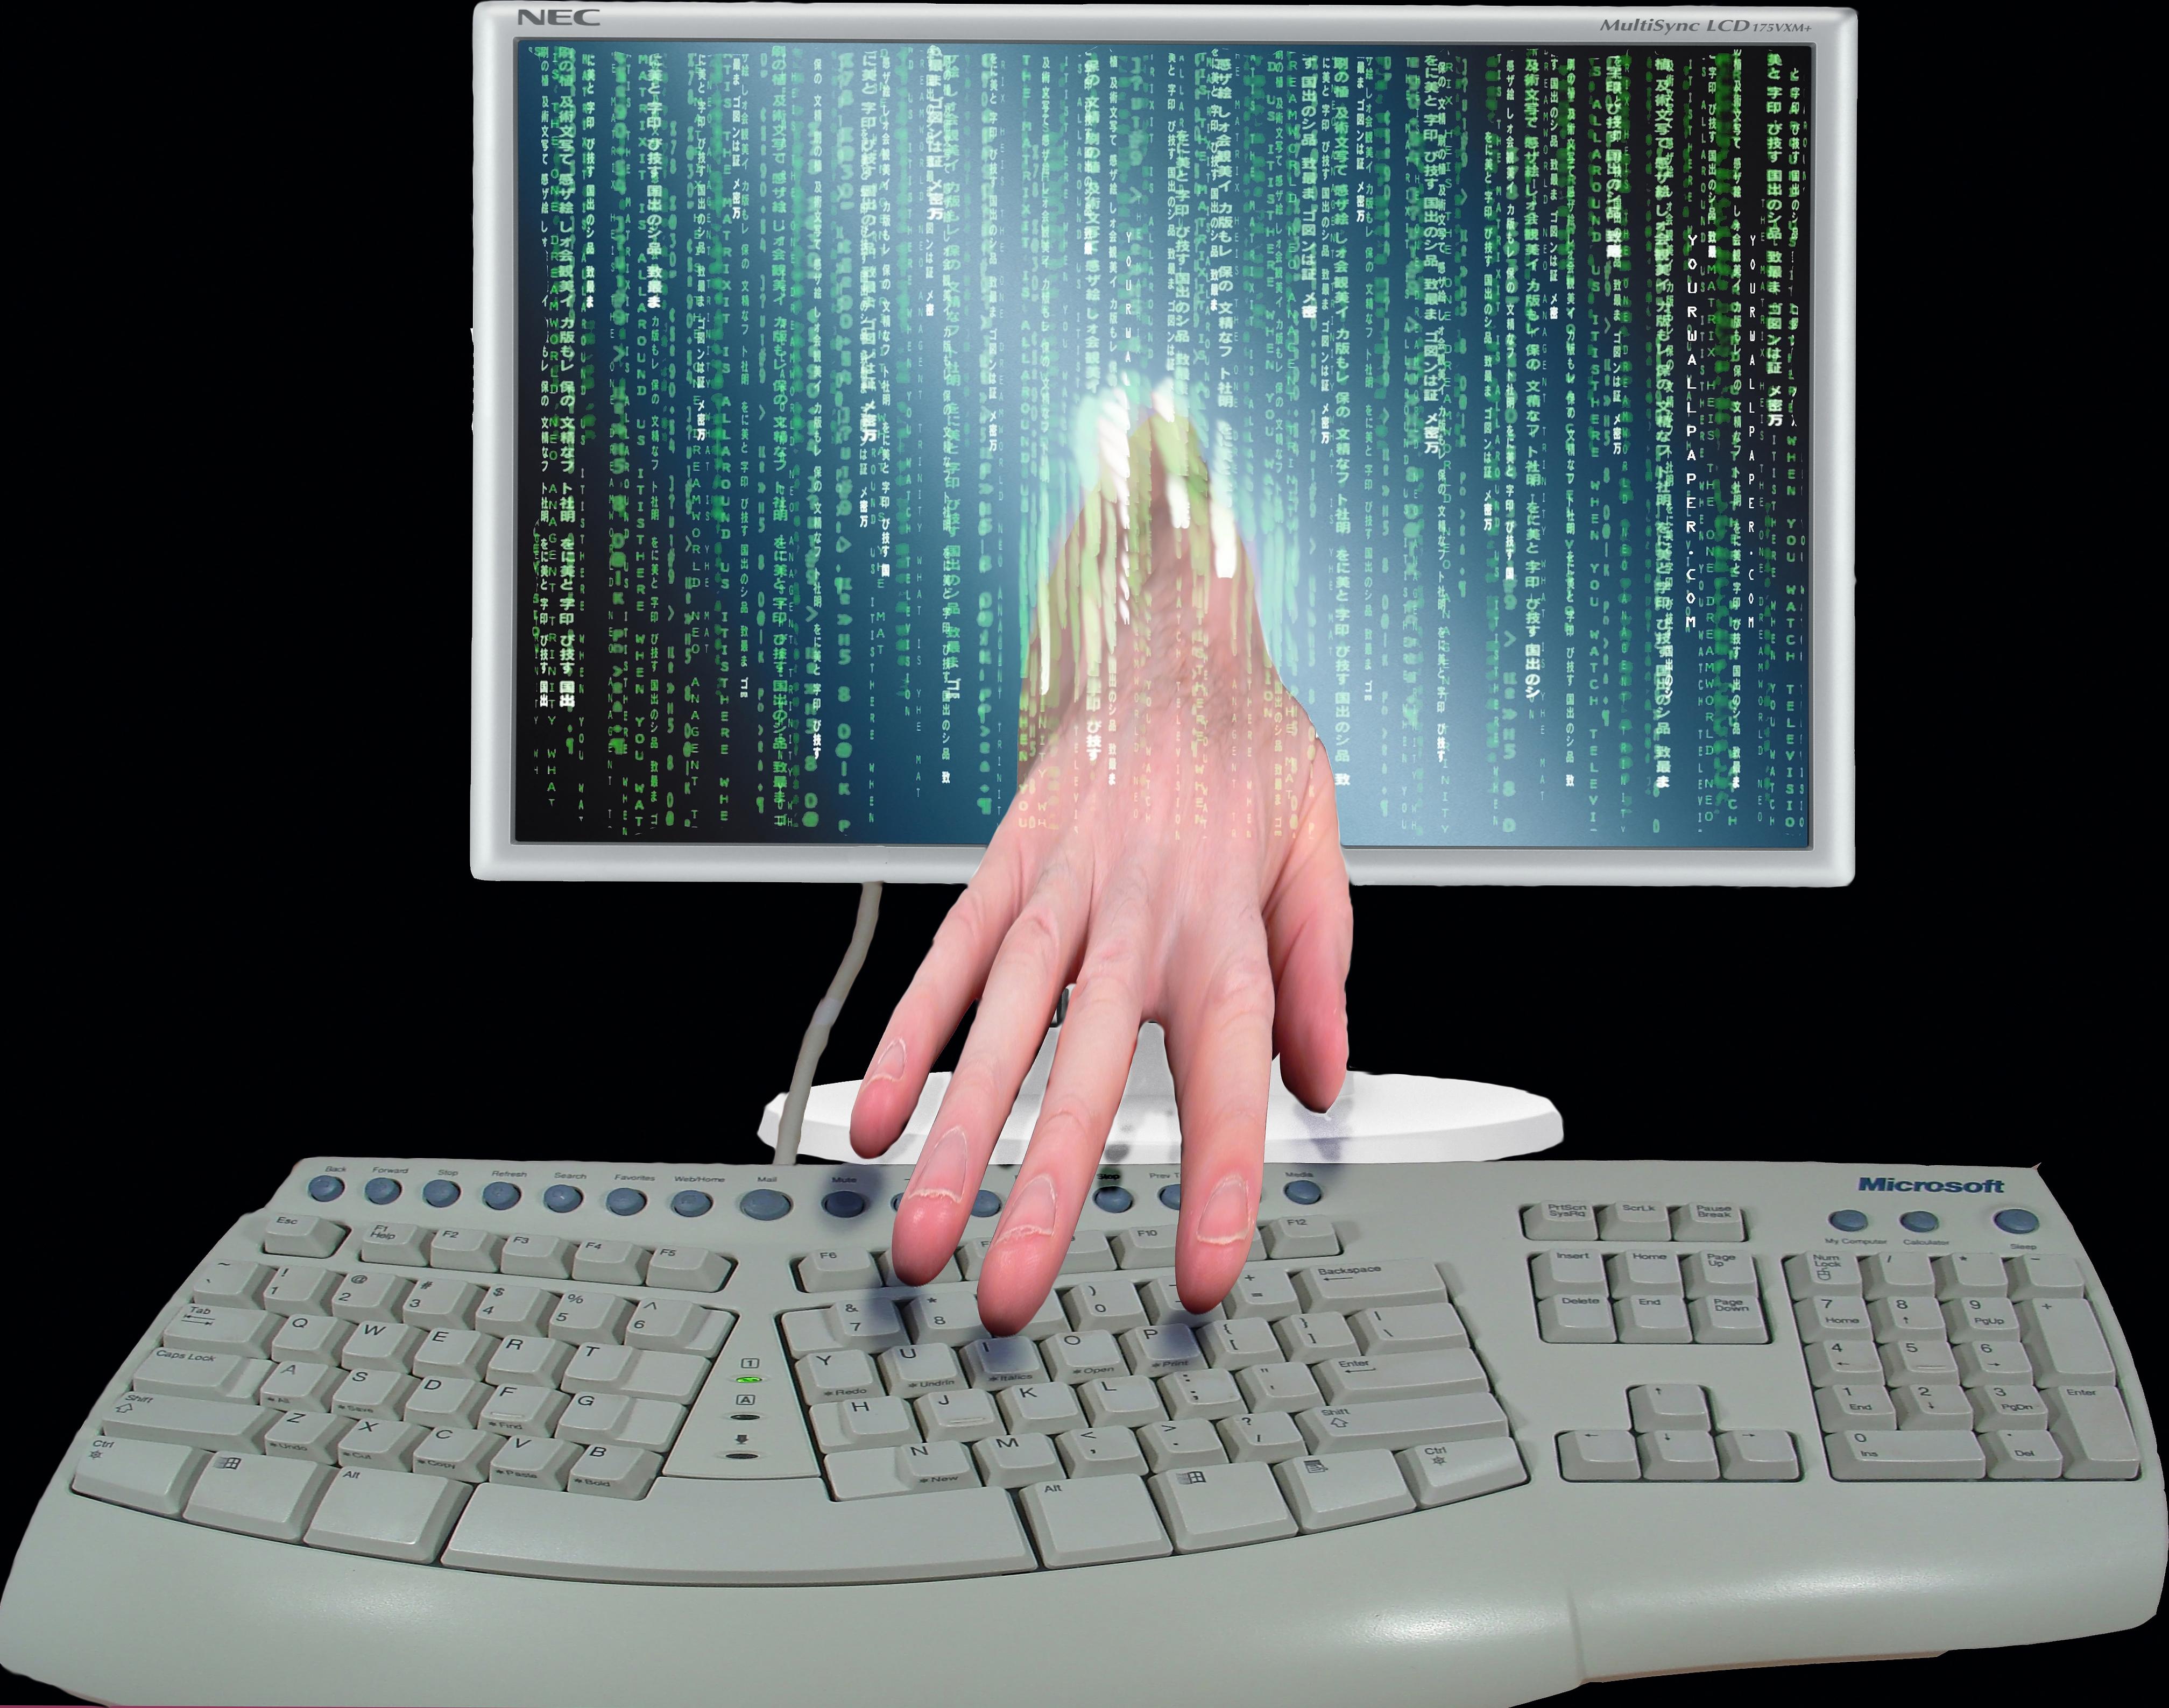 'FREAK' security bug found in Safari